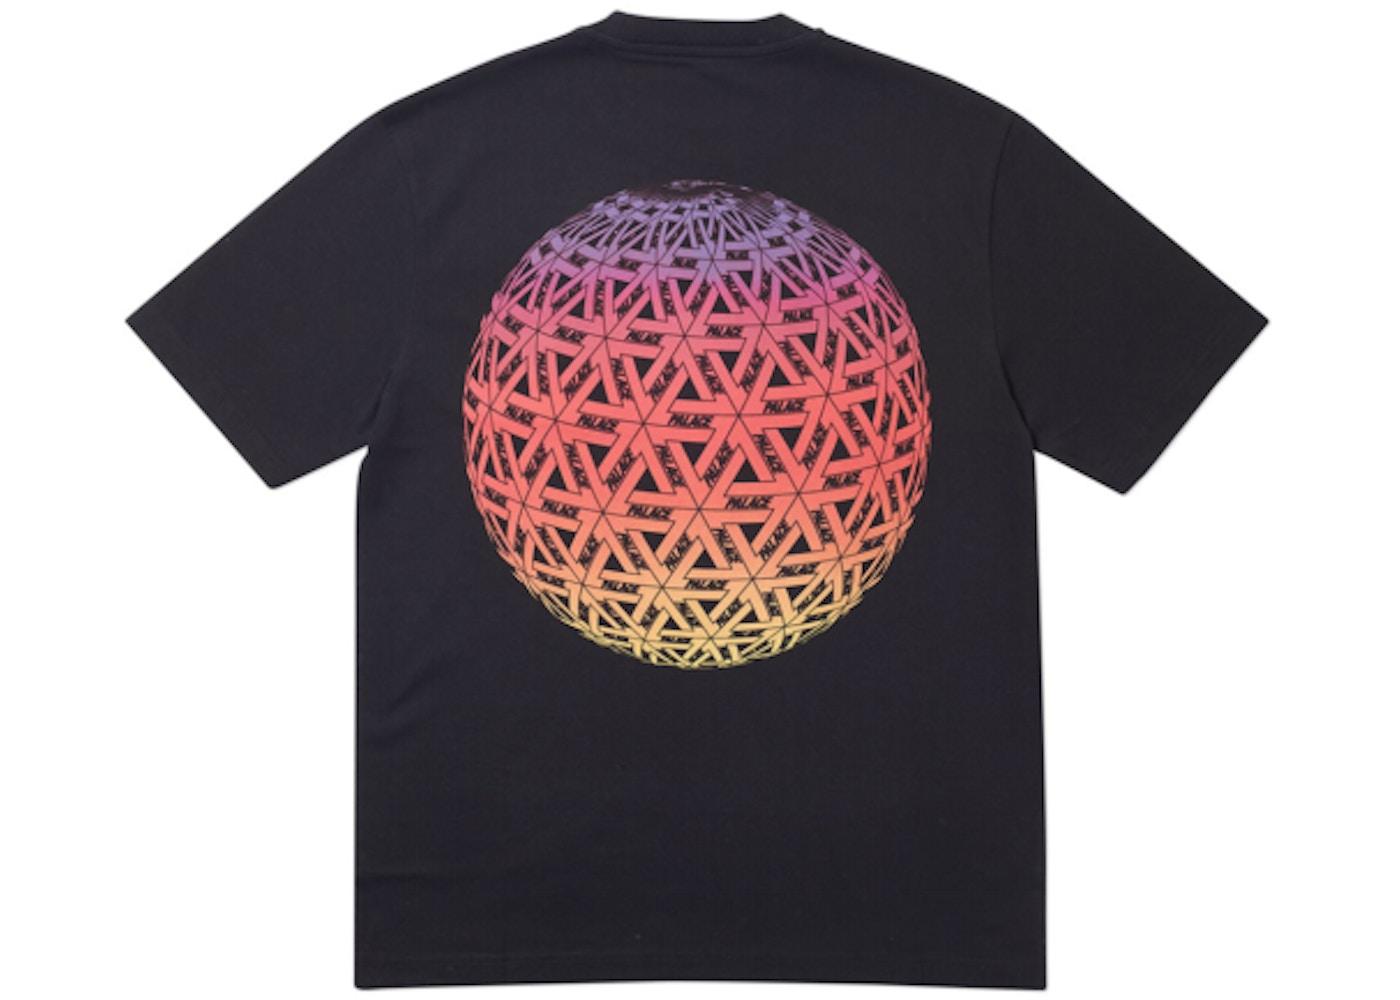 e88750987fa6 Palace T-Shirts - Buy   Sell Streetwear